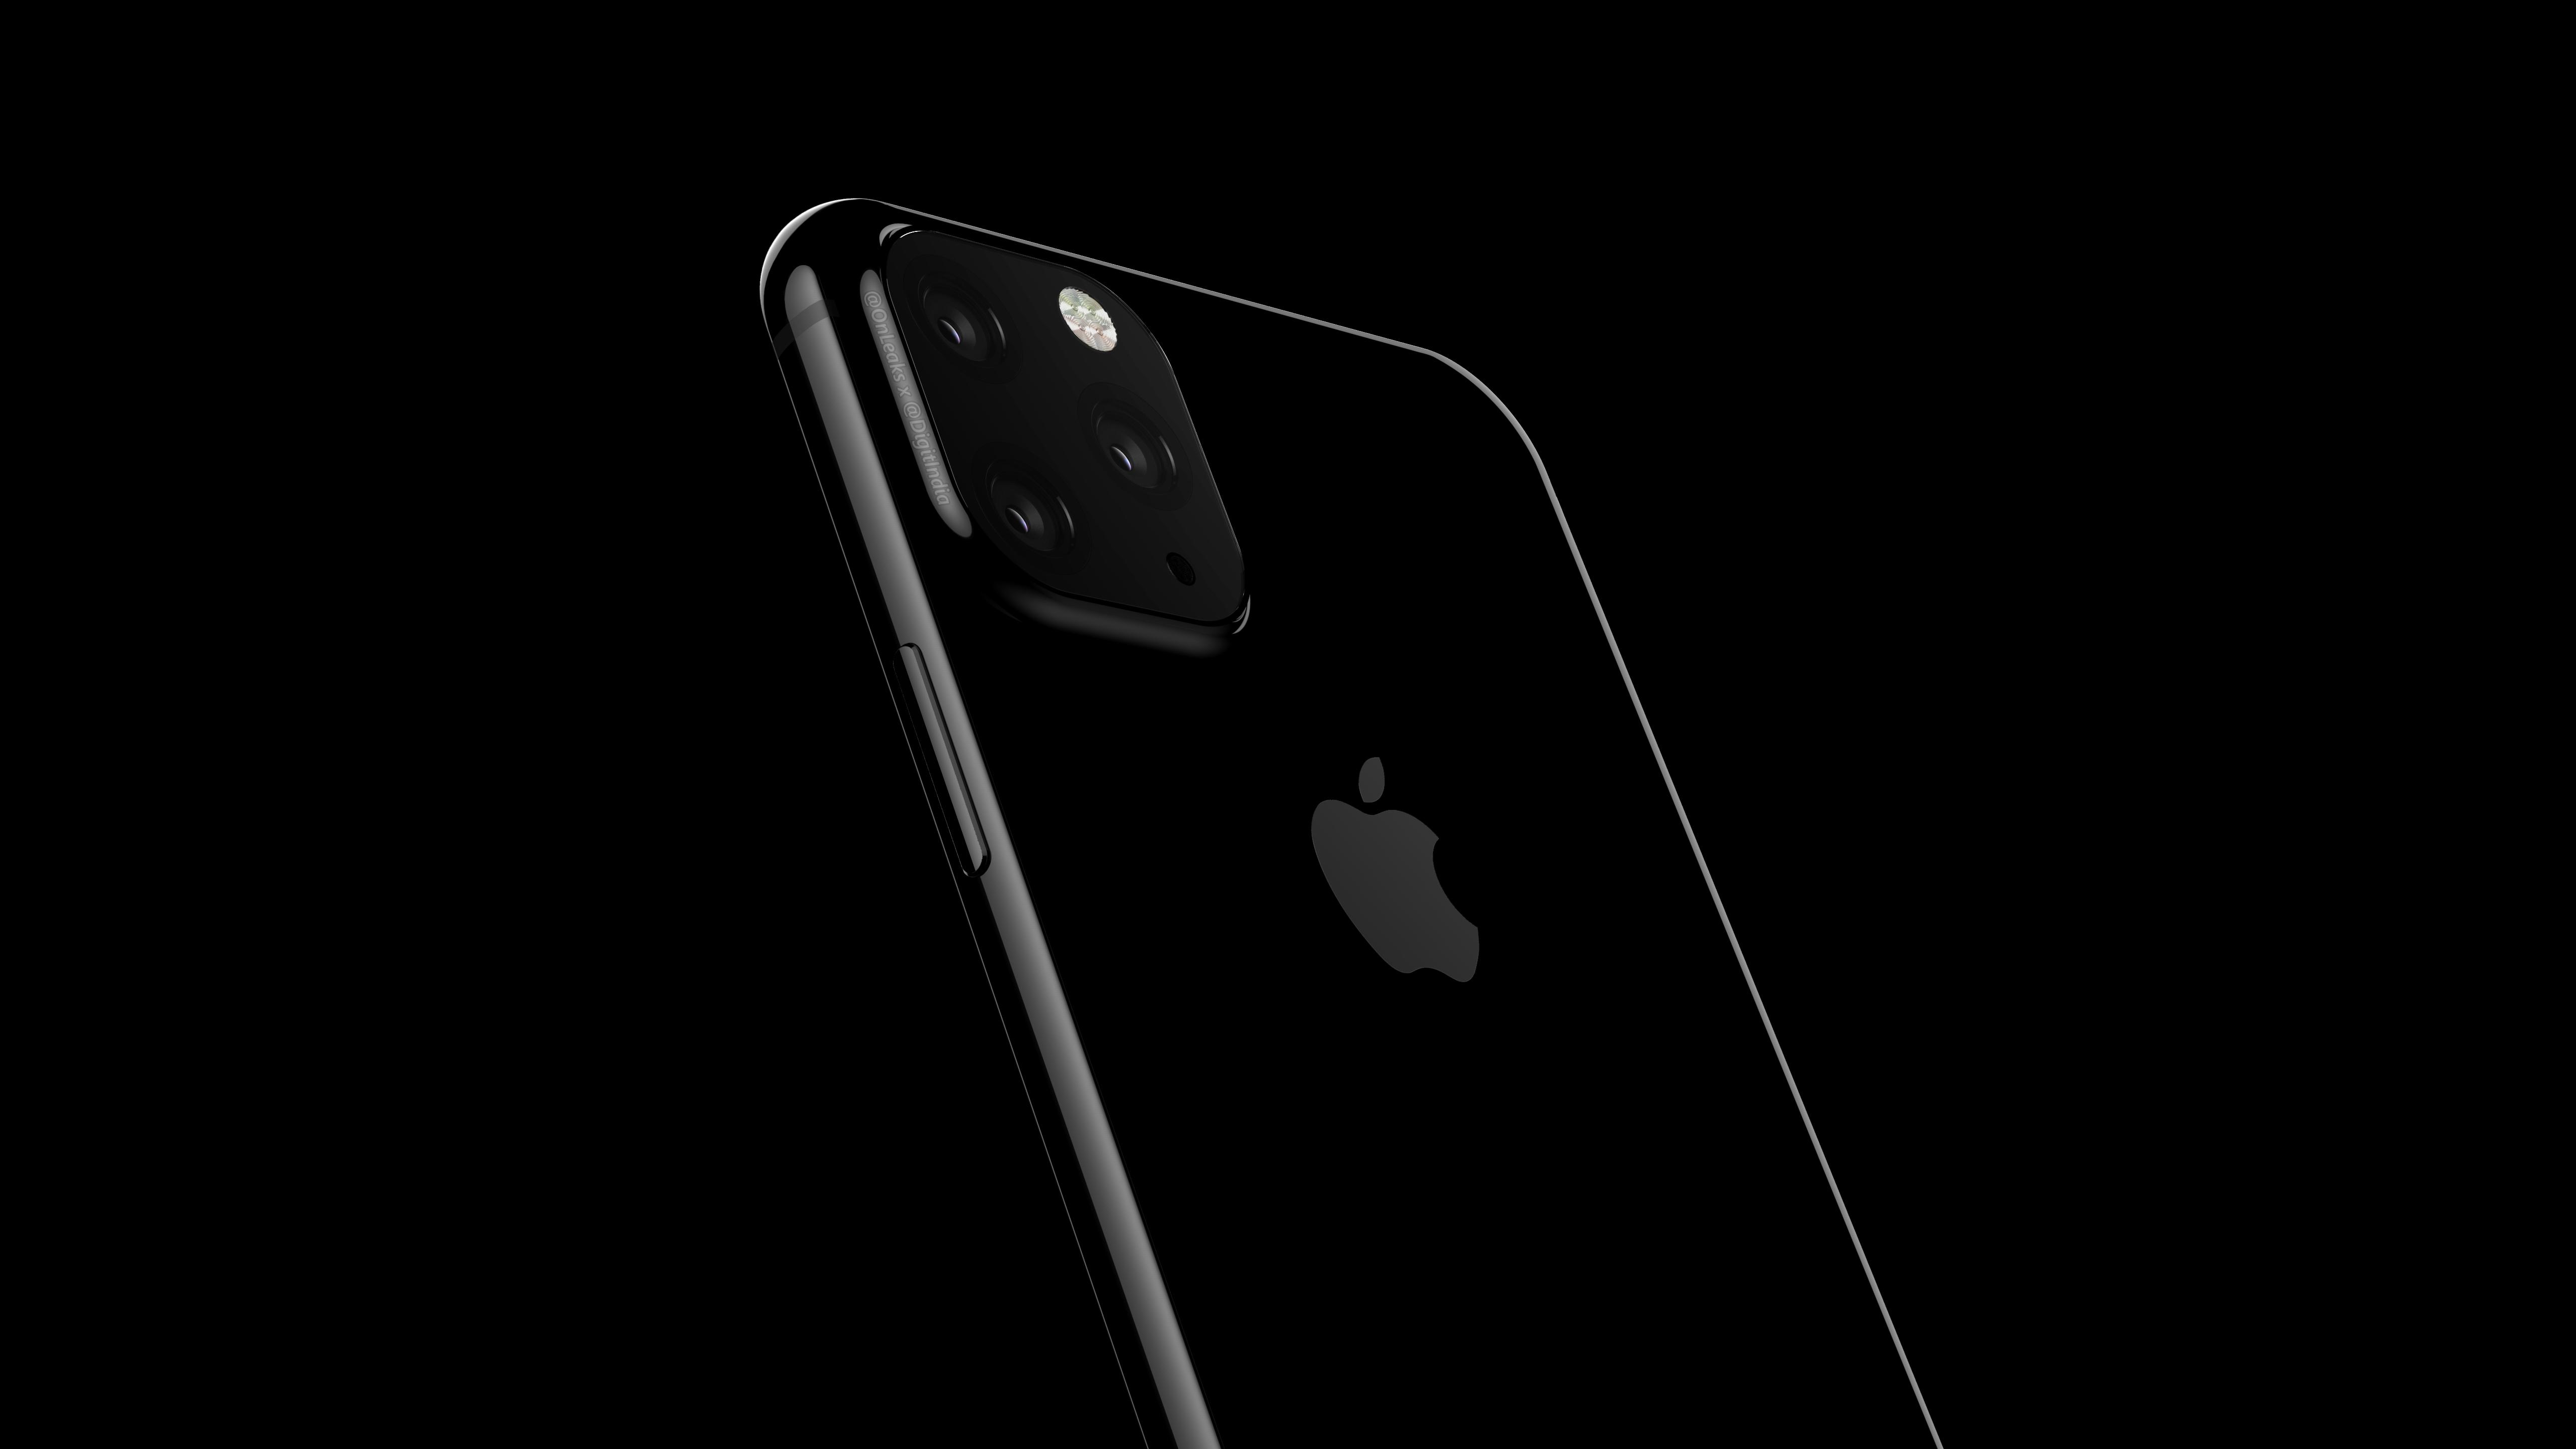 Apple iPhone XI : une fuite révèle un prototype avec trois appareils photo